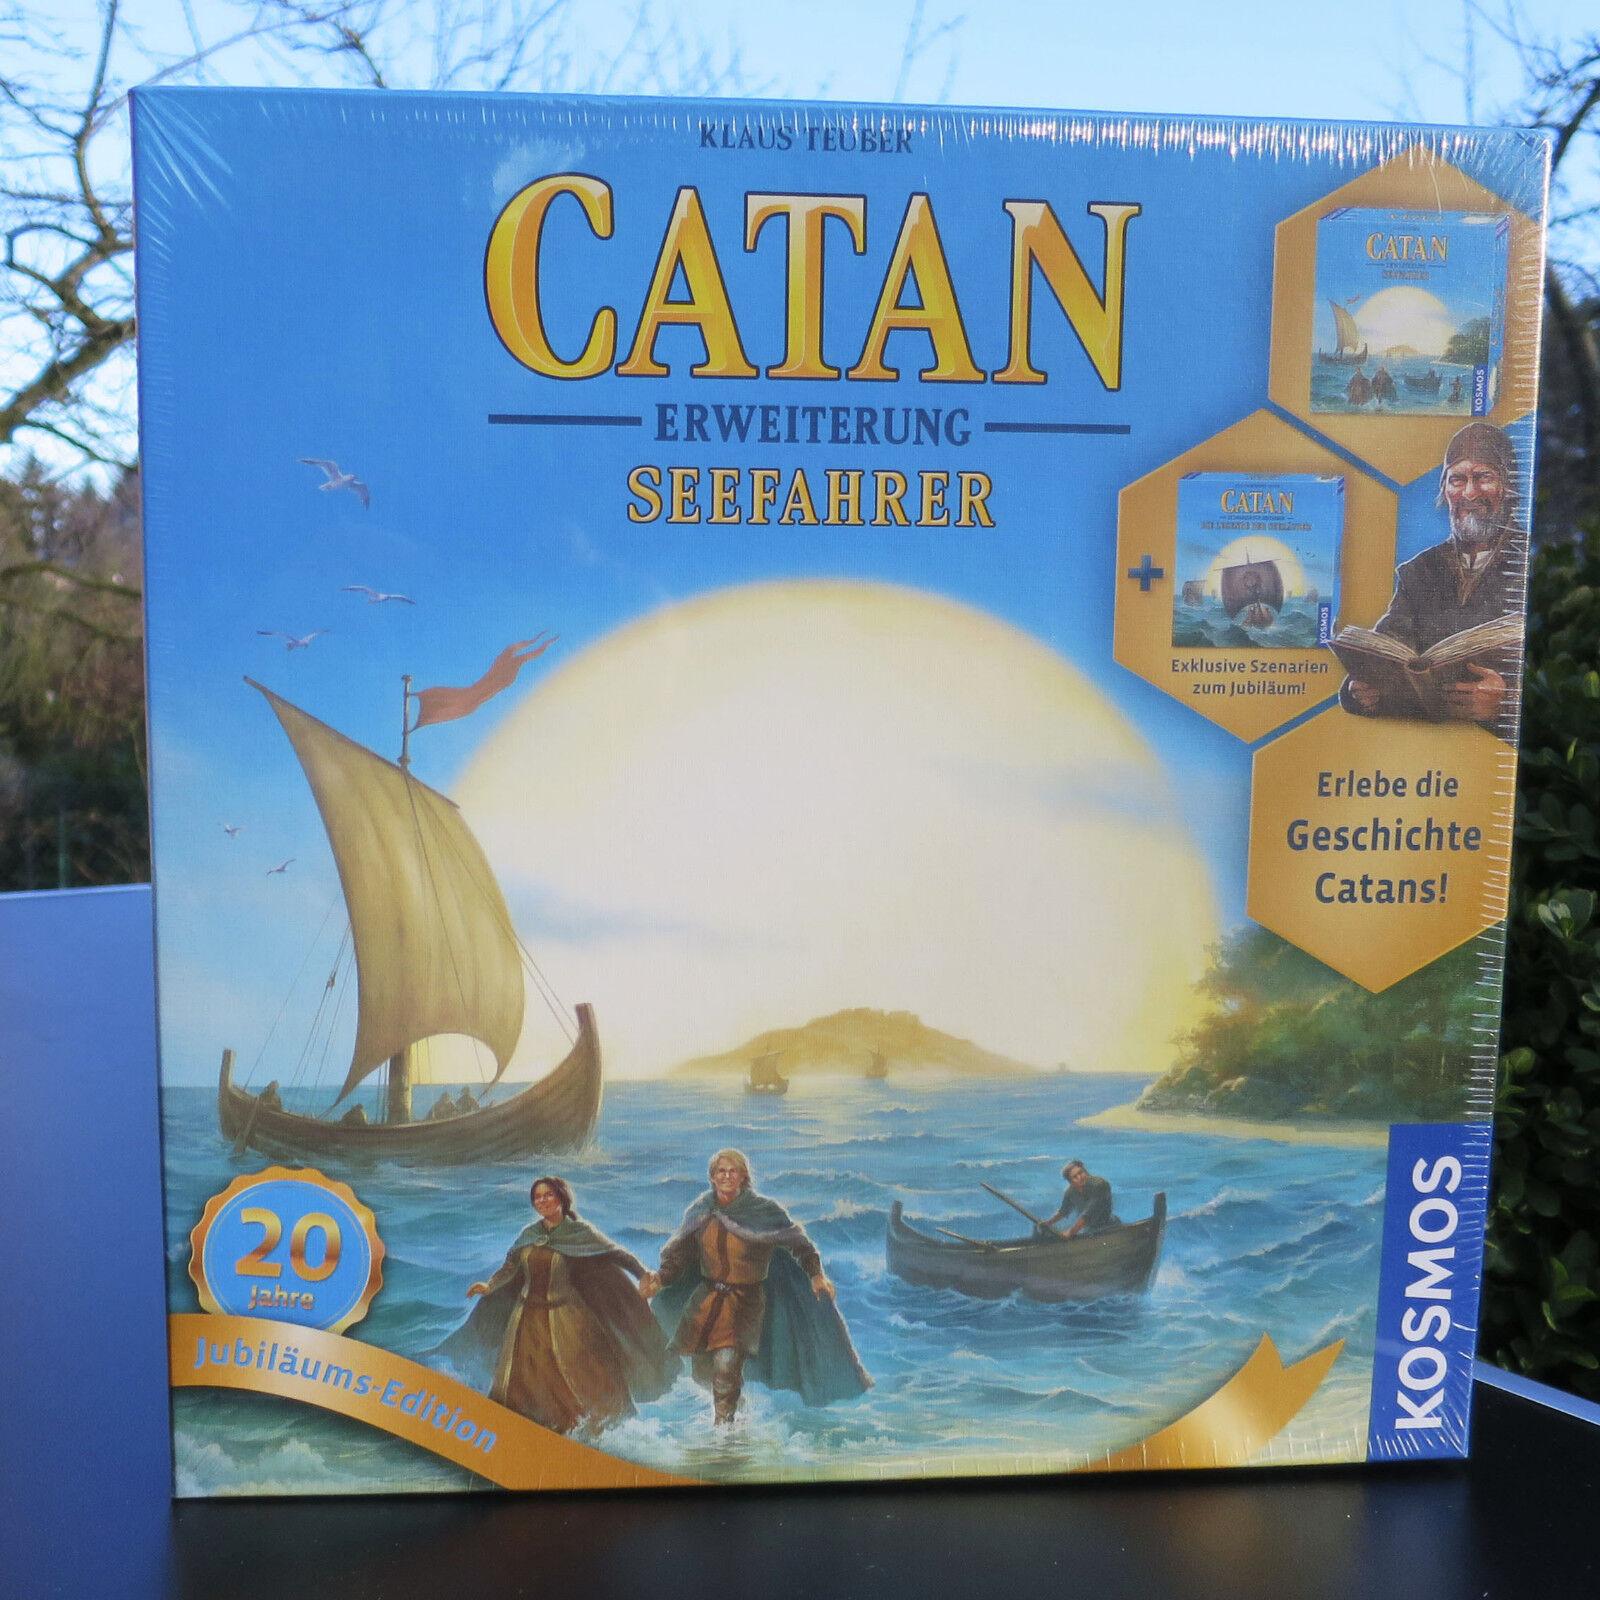 Coloni di Catan anniversario-edizione scenari leggenda dei bucanieri dei  navigatori &  shopping online di moda